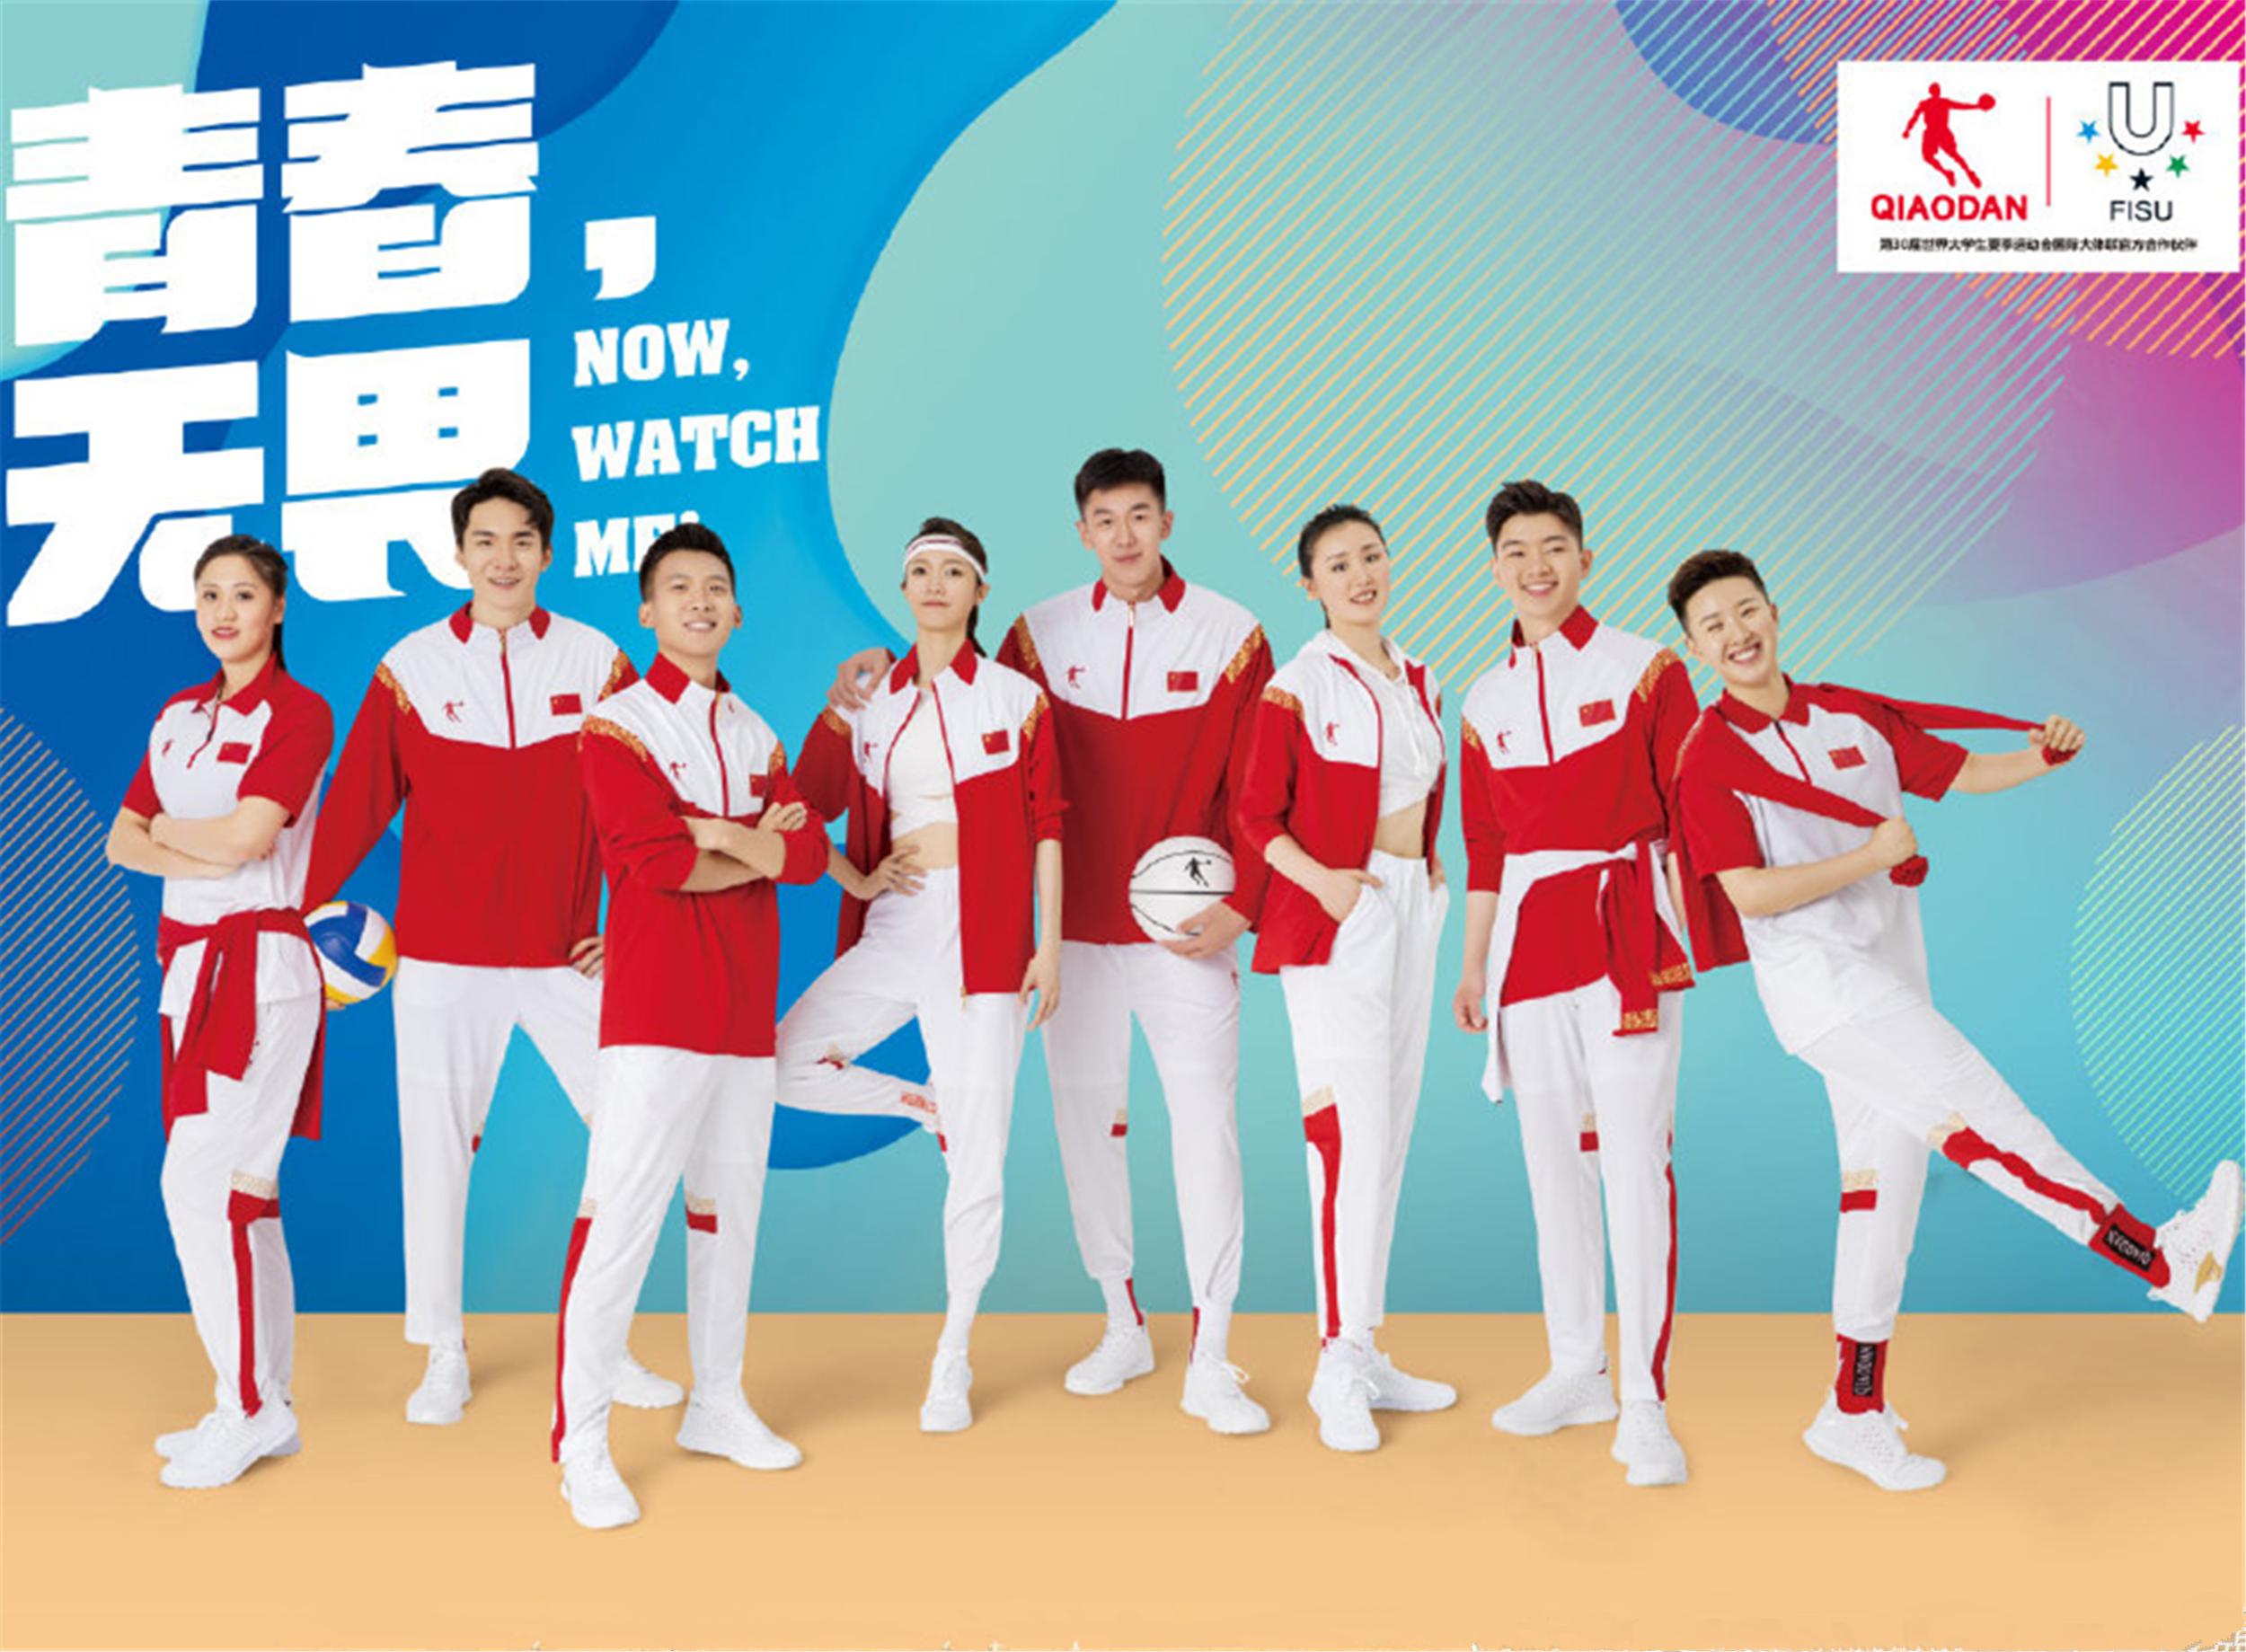 乔丹体育:大夏会新媒体营销,共绘一篇体育青春